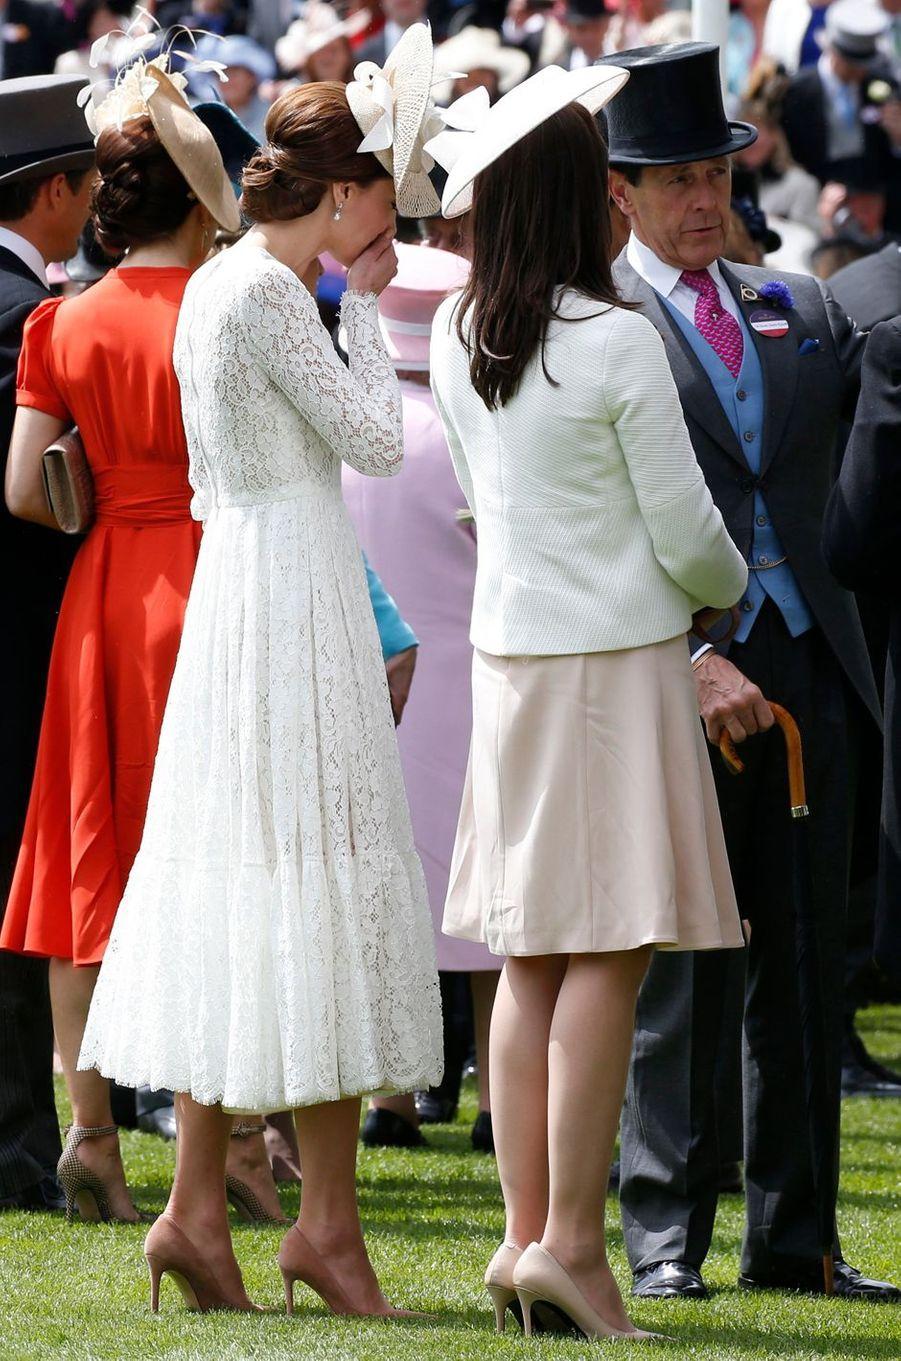 La duchesse de Cambridge, née Kate Middleton, au Royal Ascot le 15 juin 2016